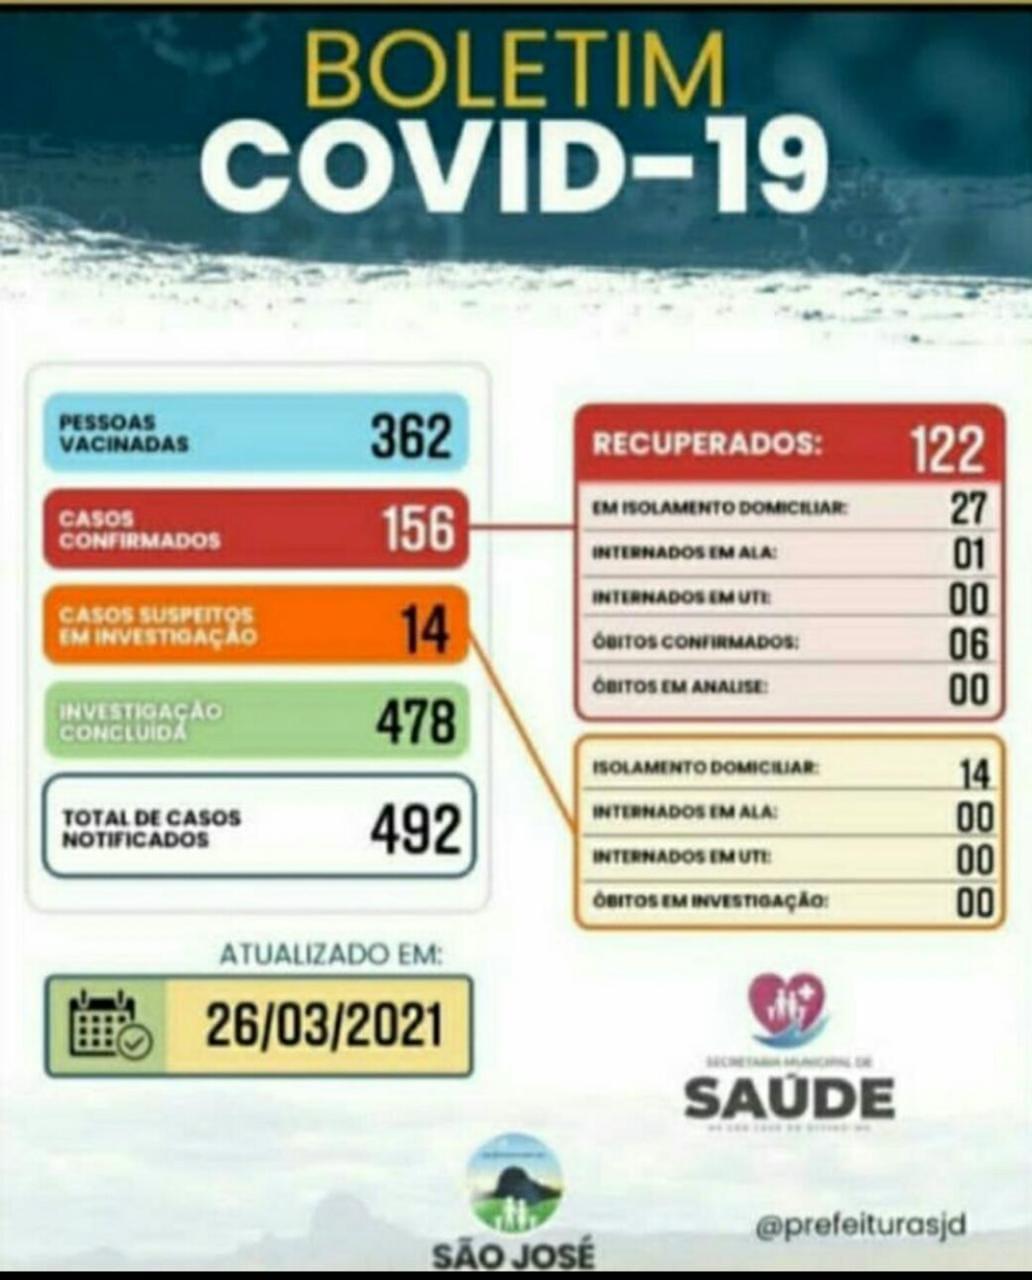 BOLETIM DIÁRIO INFORMATIVO OFICIAL 26 DE MARÇO DE 2021